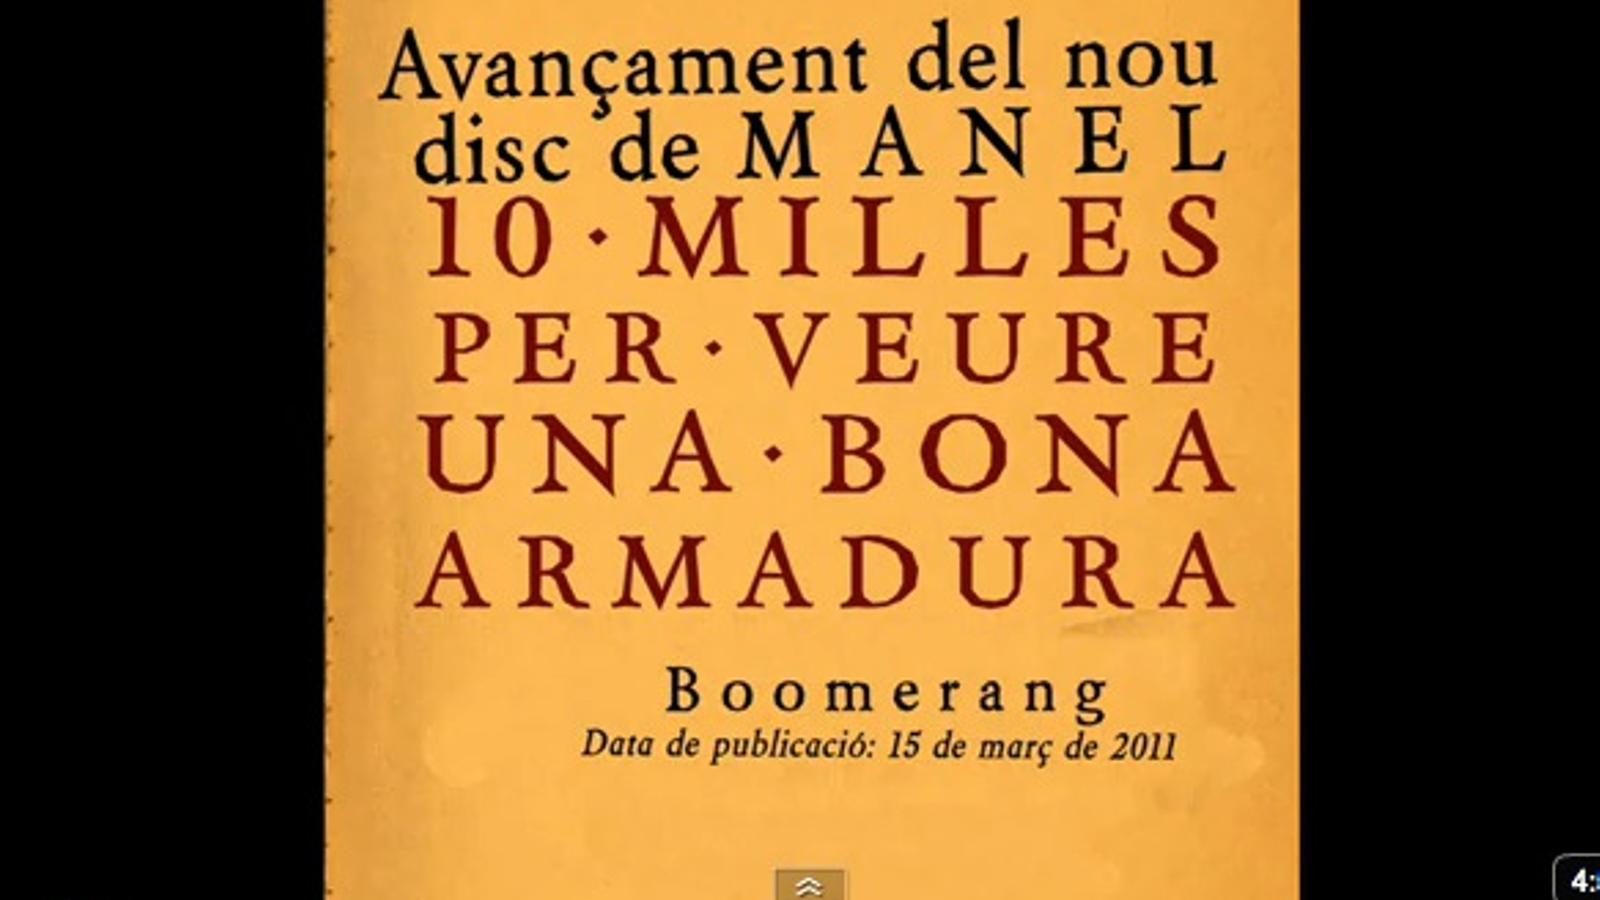 'Boomerang', tema d'avançament del nou disc dels Manel